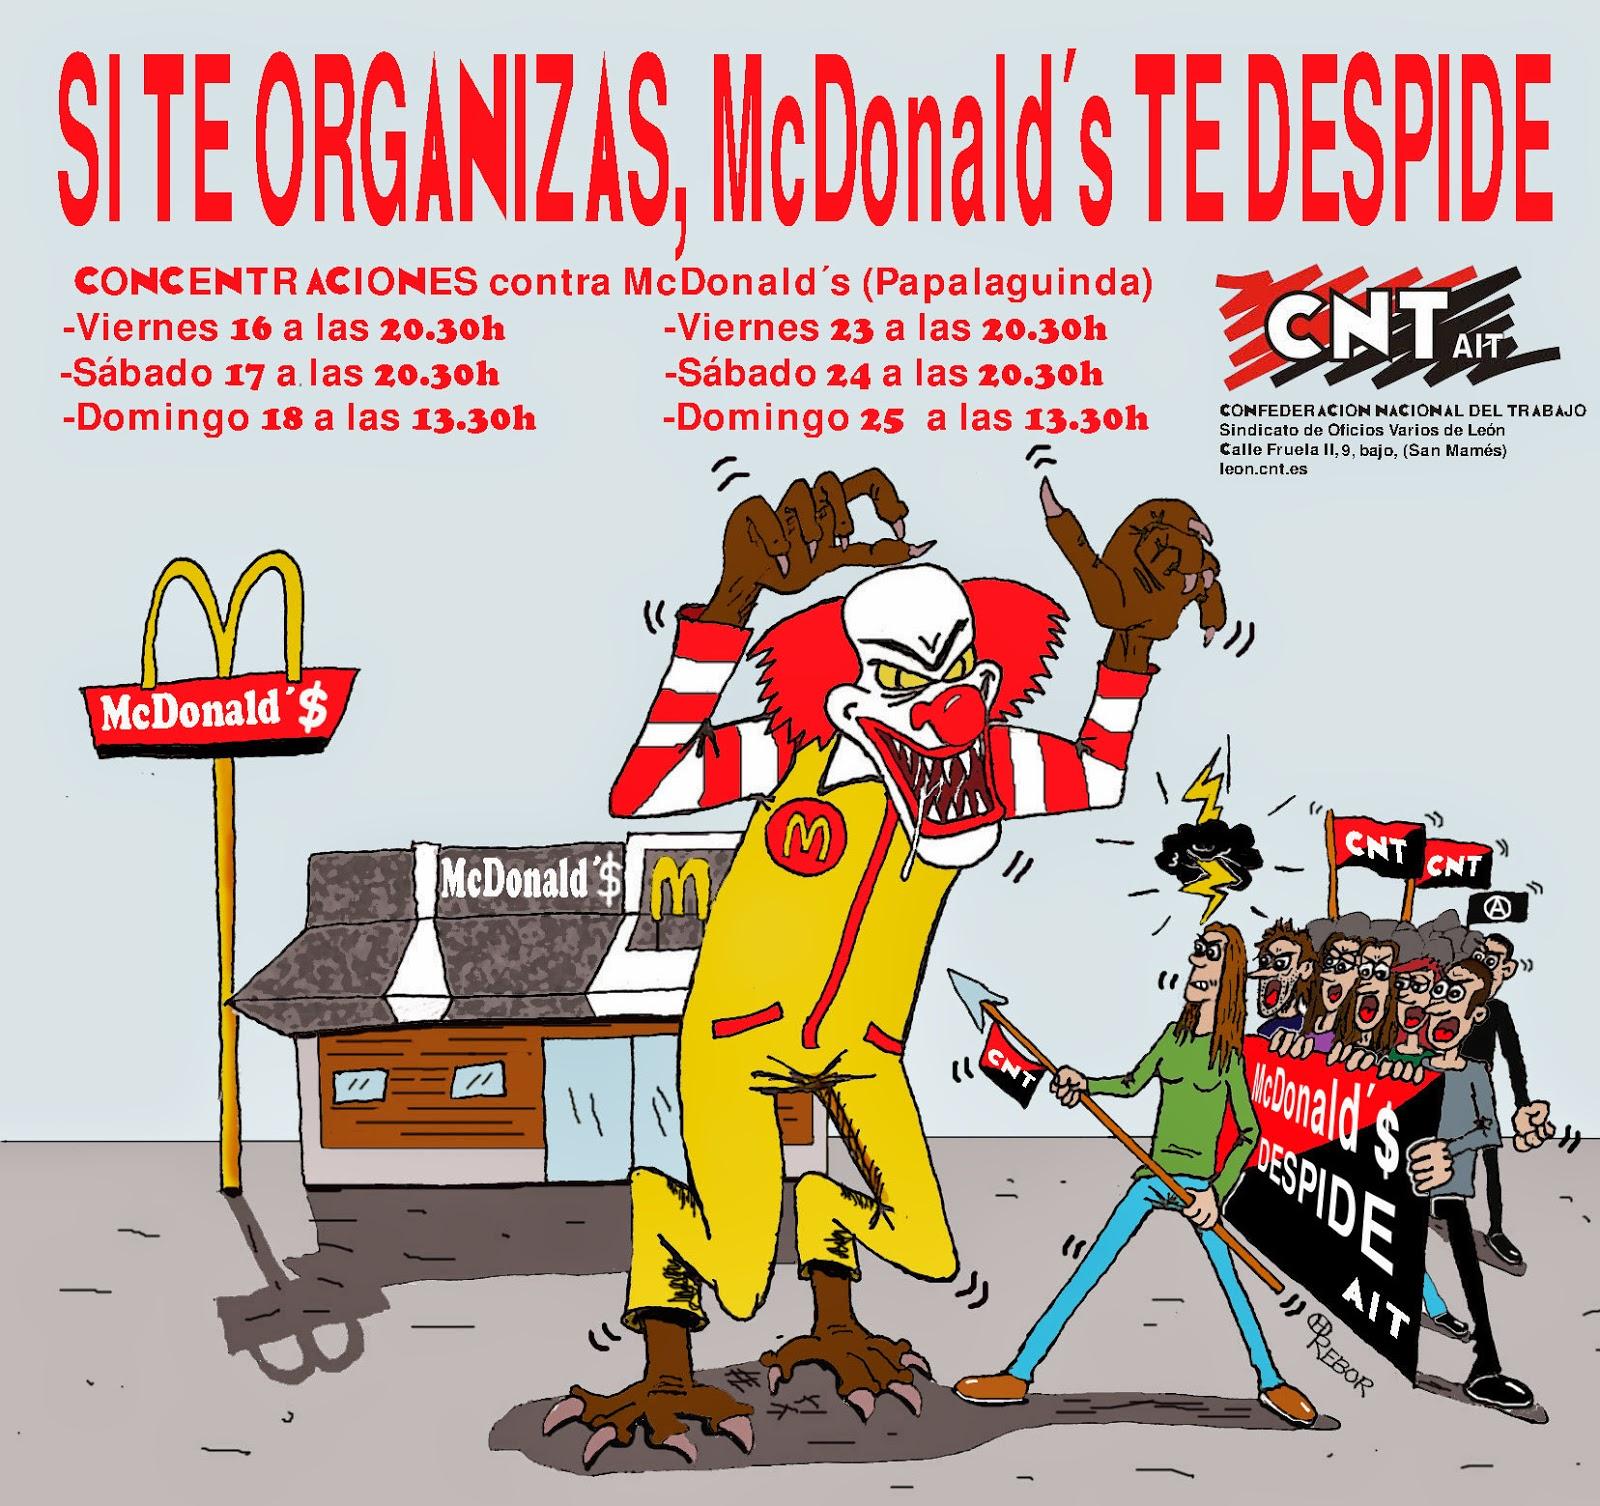 Anarquistas, CNT AIT, Confederación nacioanl del trabajo, Asociación internacional de los trabajadores, Trabajadores, McDonald's, es una cadena de restaurantes de comida rápida. Sus principales productos son las hamburguesas, sándwiches, patatas fritas, menús para el desayuno, refrescos, batidos, helados, postres y, recientemente, ensaladas y fruta, capitalismo roba y esclaviza por un salario, el capitalismo explota, el capitalismo engaña,